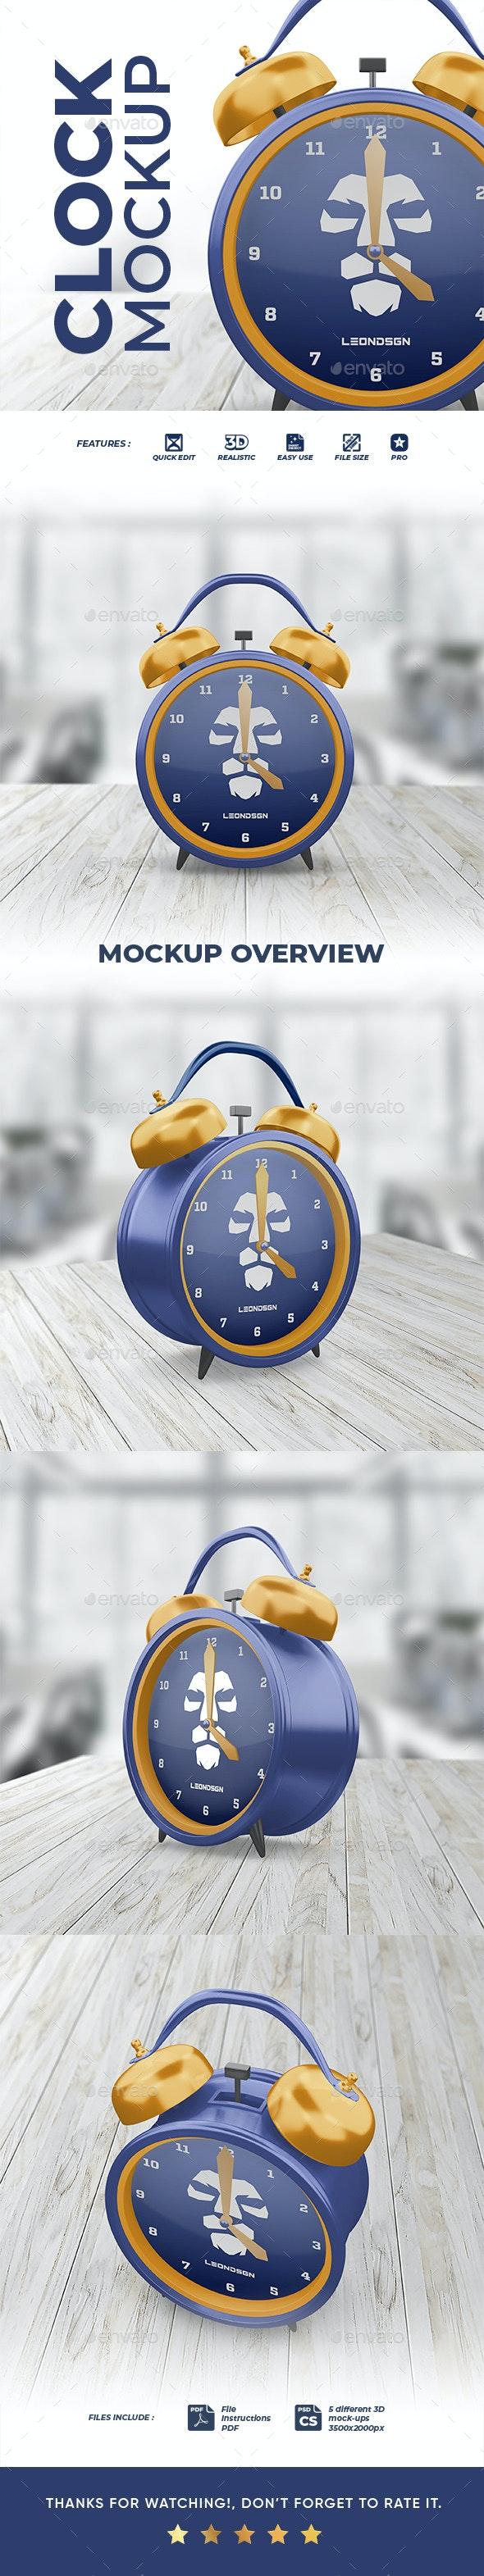 Alarm Clock Mockup - Product Mock-Ups Graphics